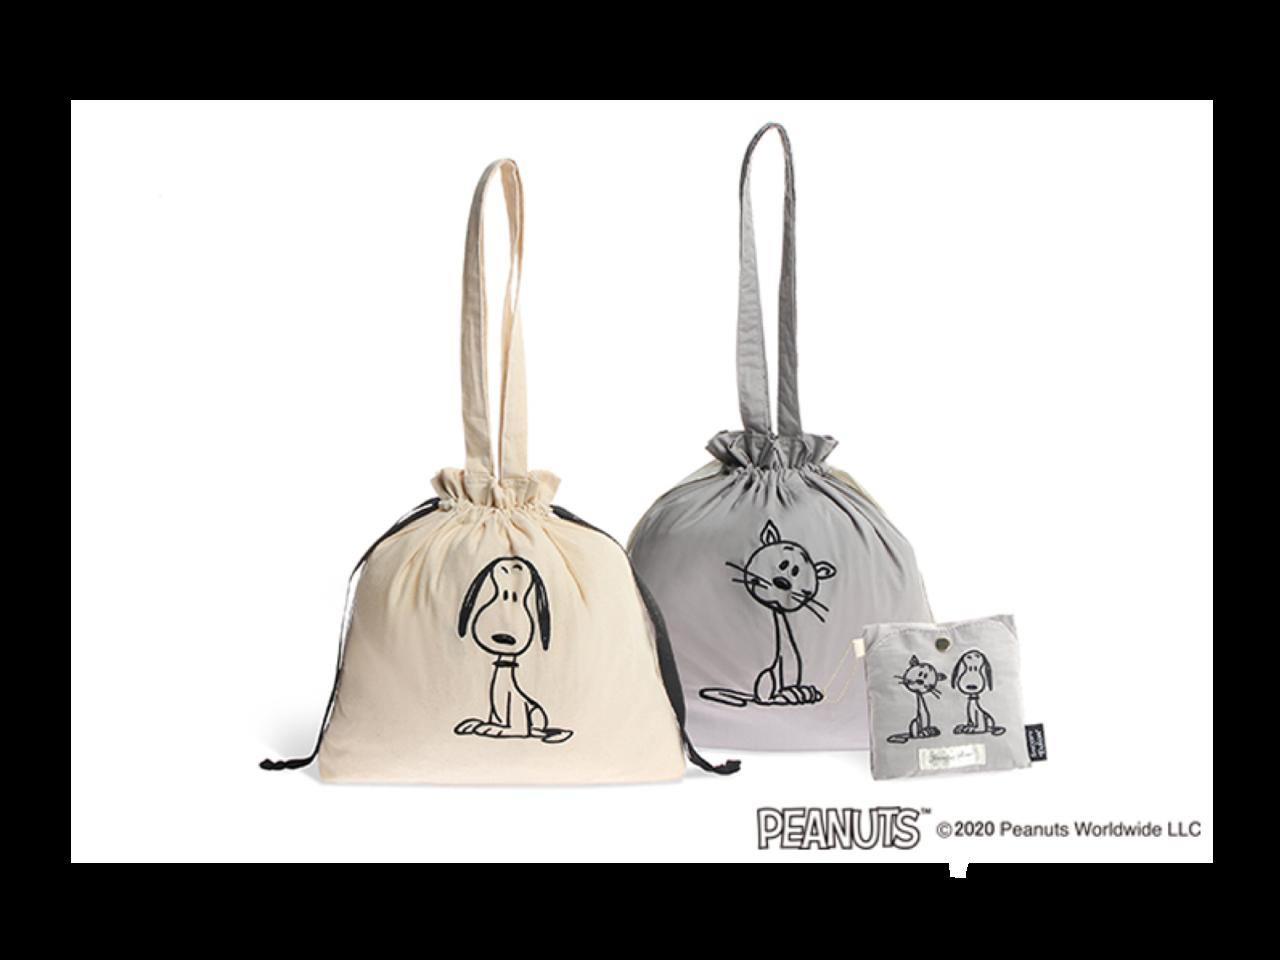 「ピーナッツ」とコラボ。スヌーピー&ファーロンのエコバッグとしても使えるパッカブルトート。